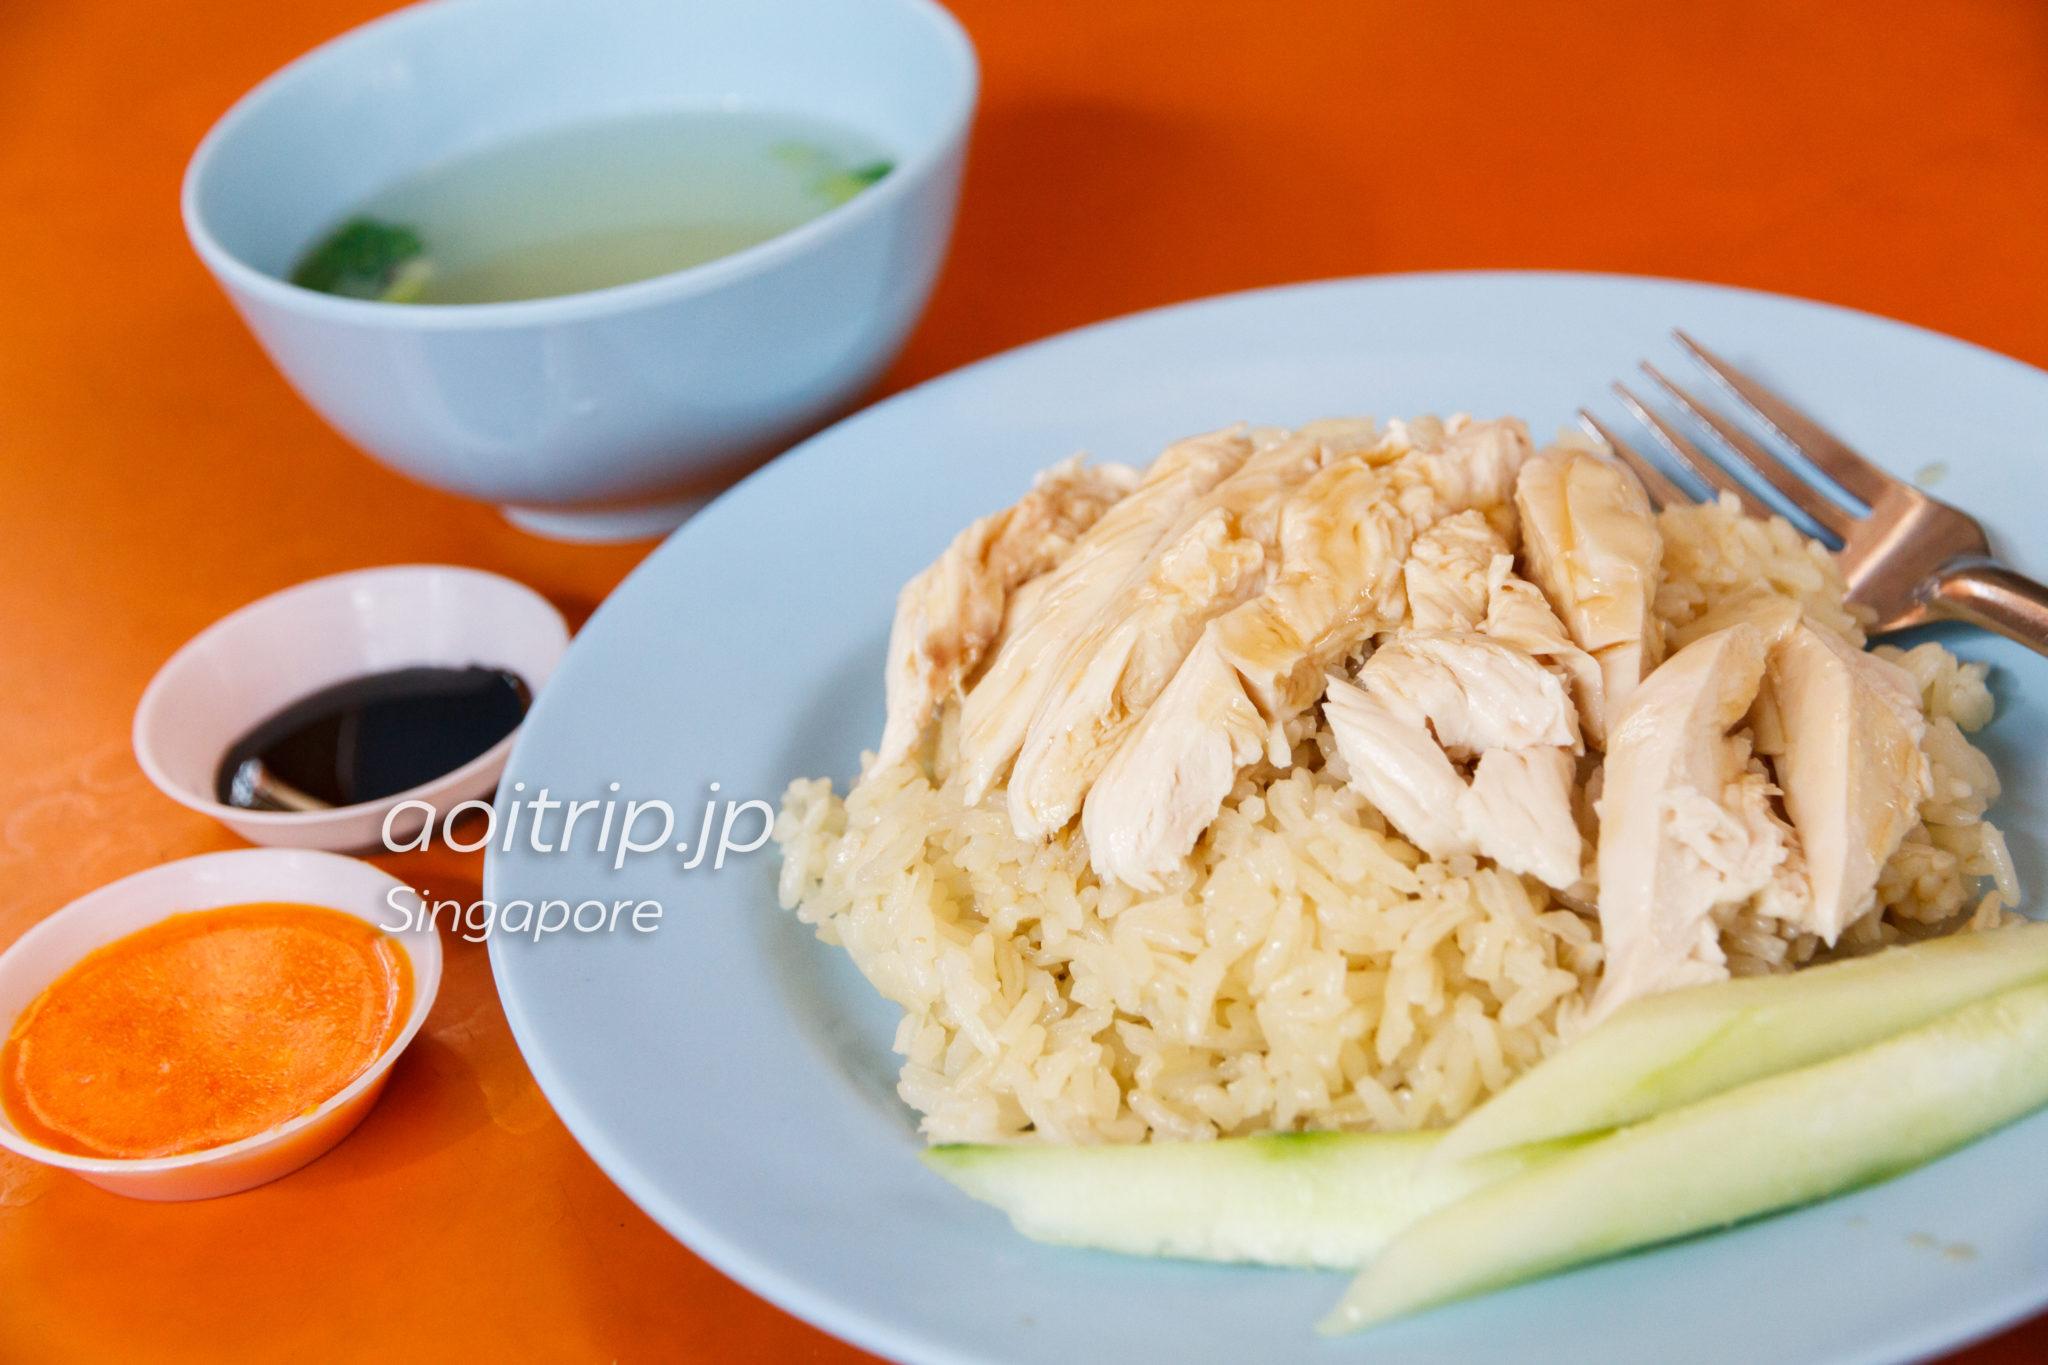 阿仔海南雞飯 Ah Tai Chicken Riceのチキンライス